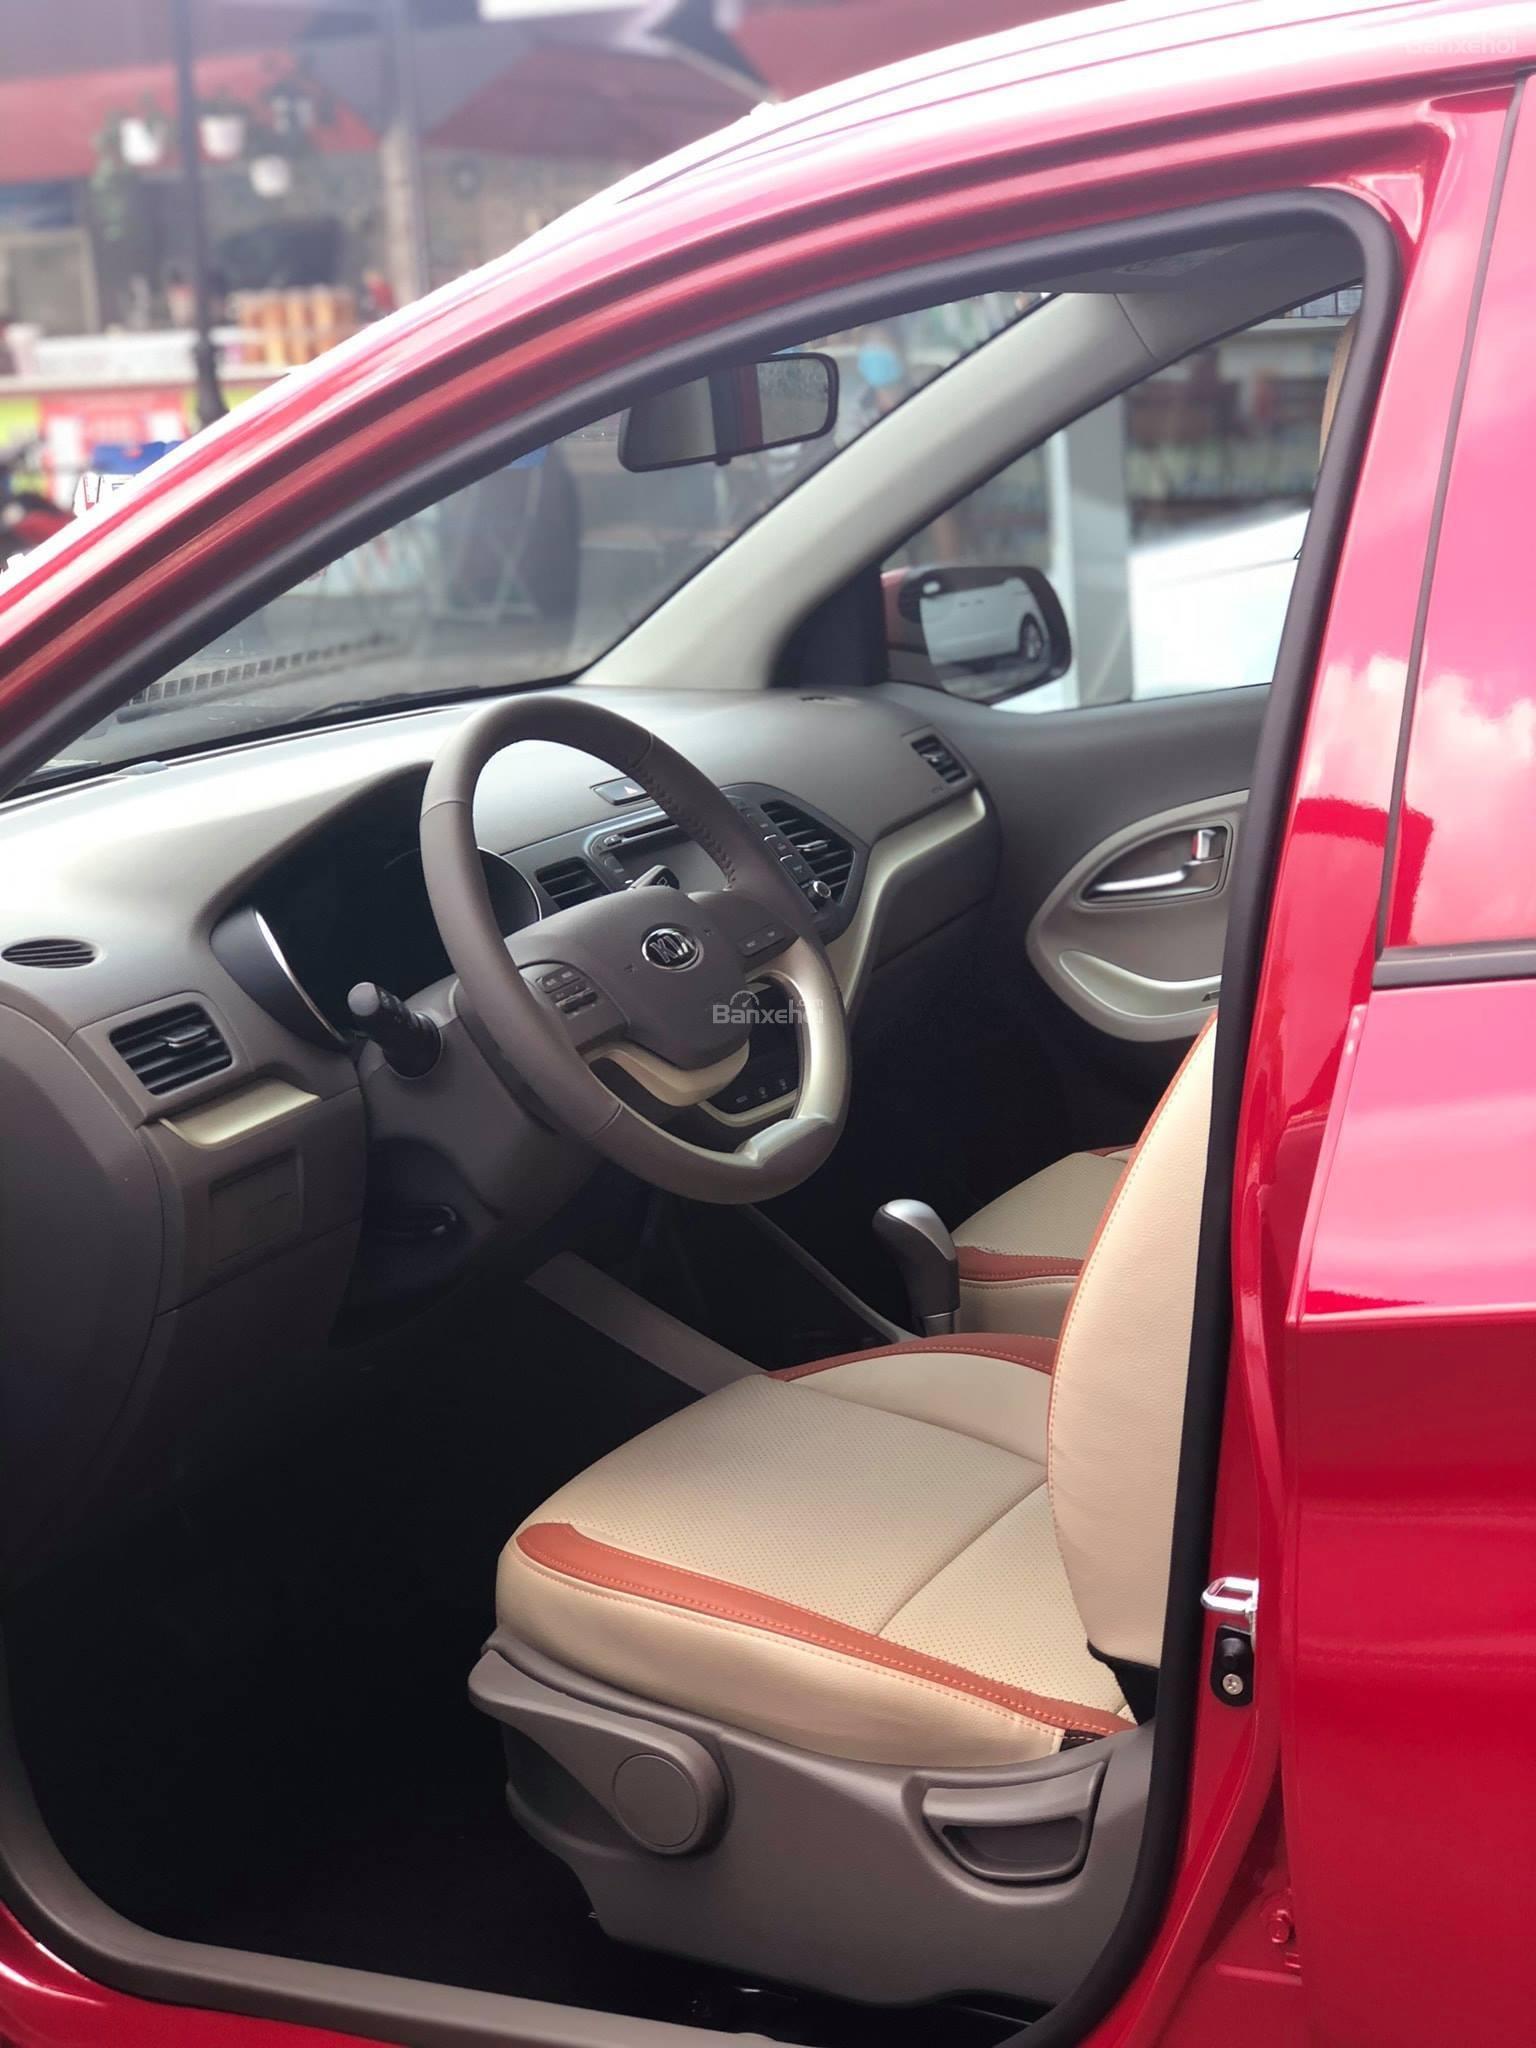 Kia Morning 2019 phiên bản mới giá 355 triệu đồng chính thức bán tại đại lý, giao xe ngay - Ảnh 4.